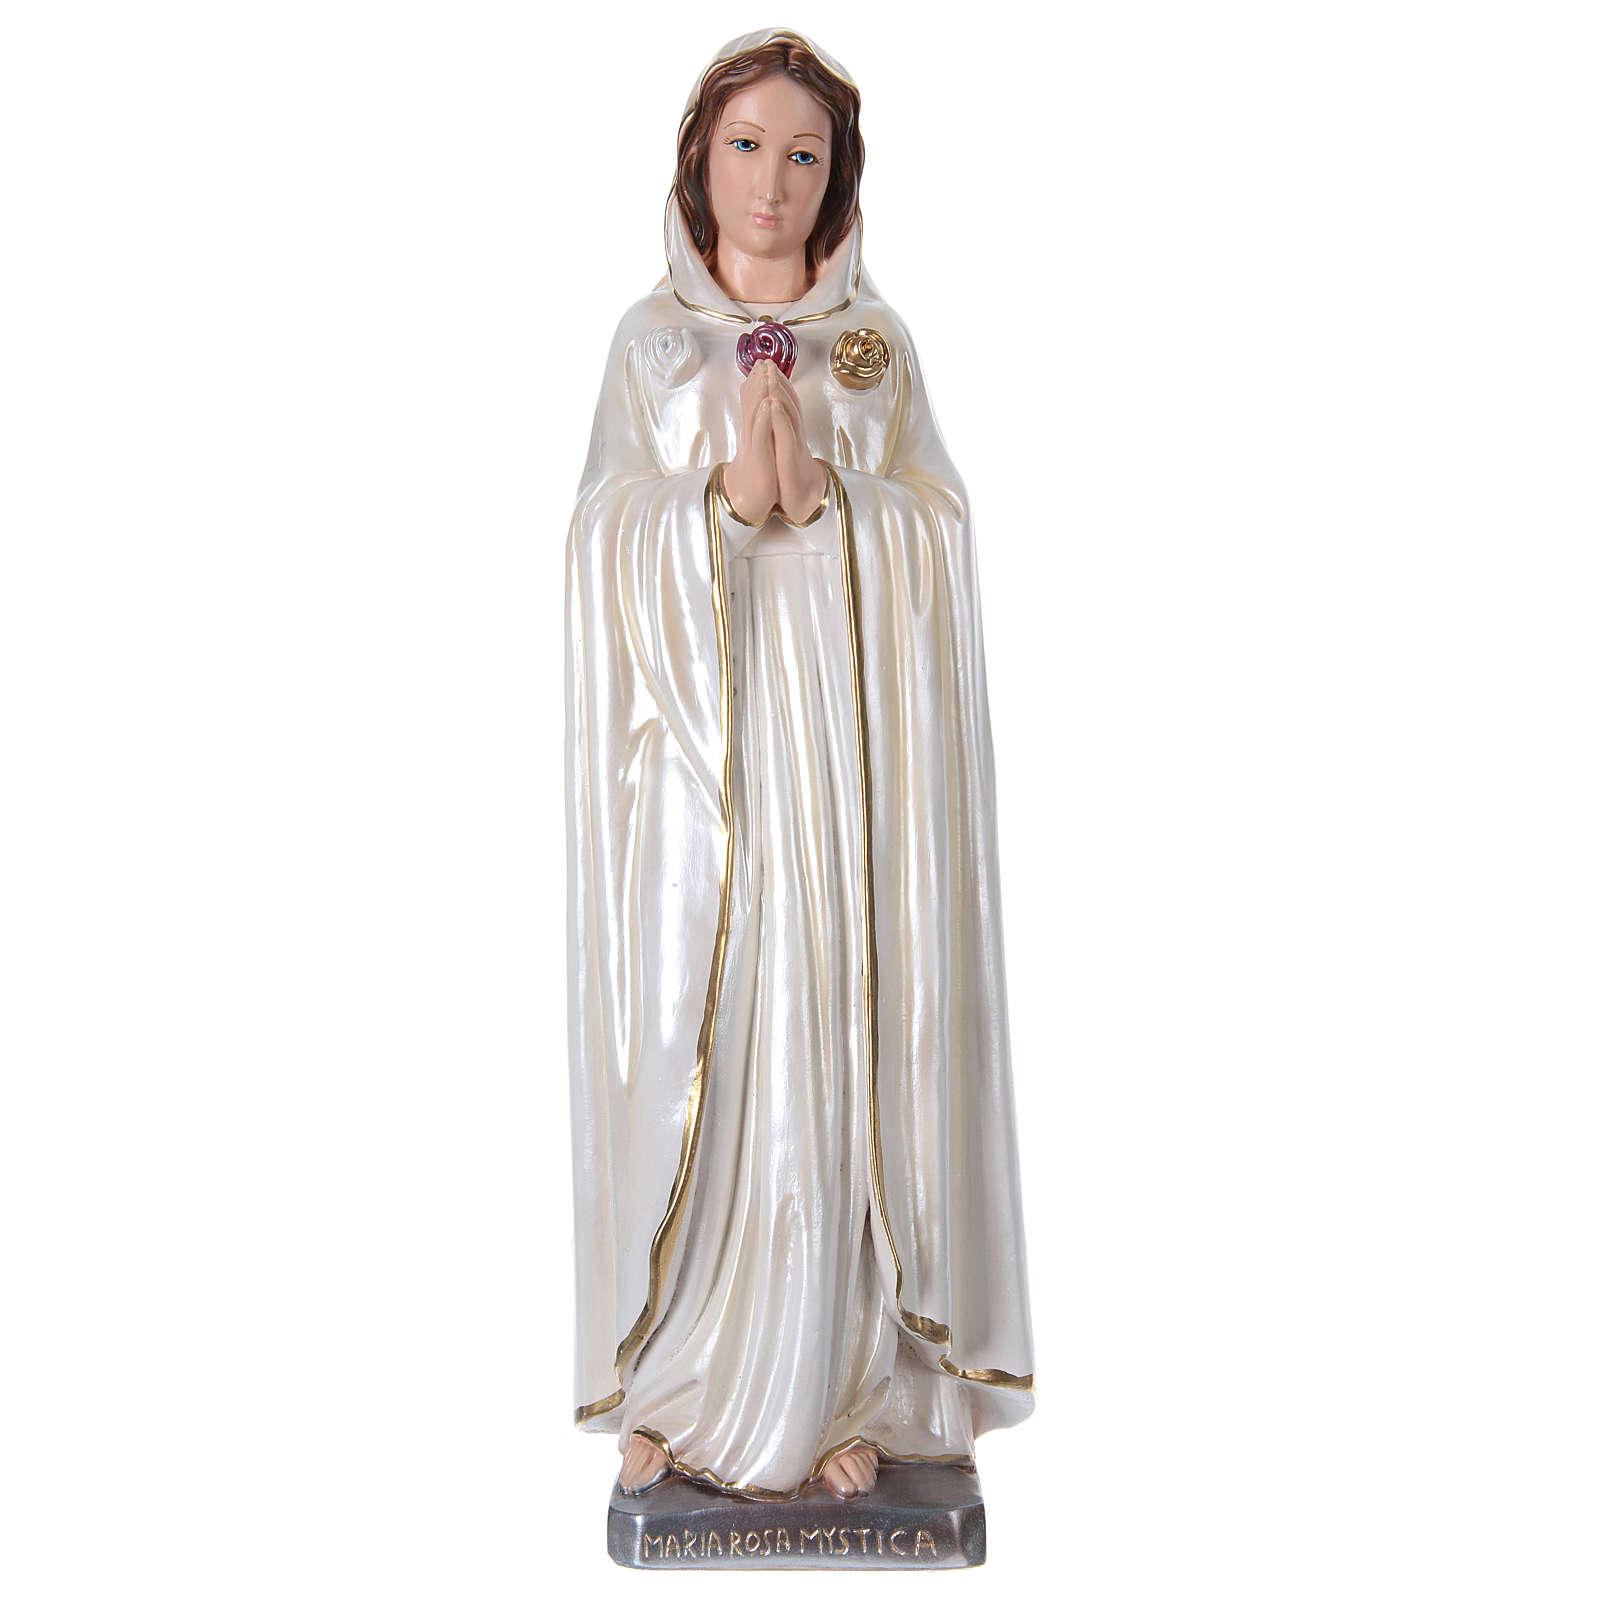 Statue Marie Rose Mystique en plâtre nacré 50 cm 4